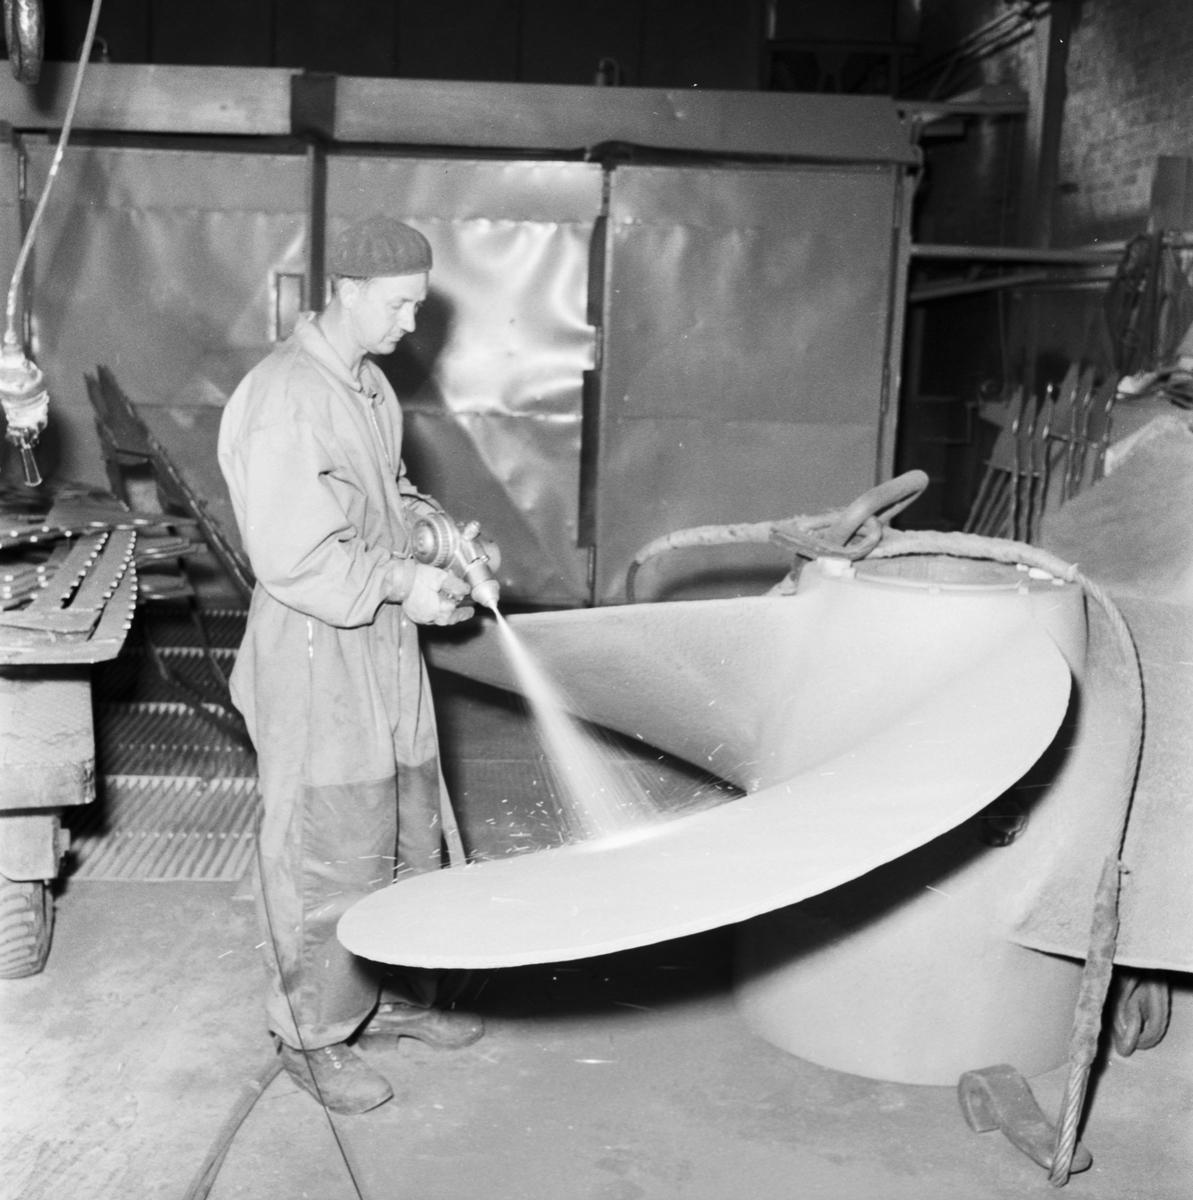 """Övrigt: Foto datum: 10/9 1958 Byggnader och kranar Isbrytaren """"Thule"""" propeller sprutmetalisera. Närmast identisk bild: V14857 och V14858, ej skannade"""